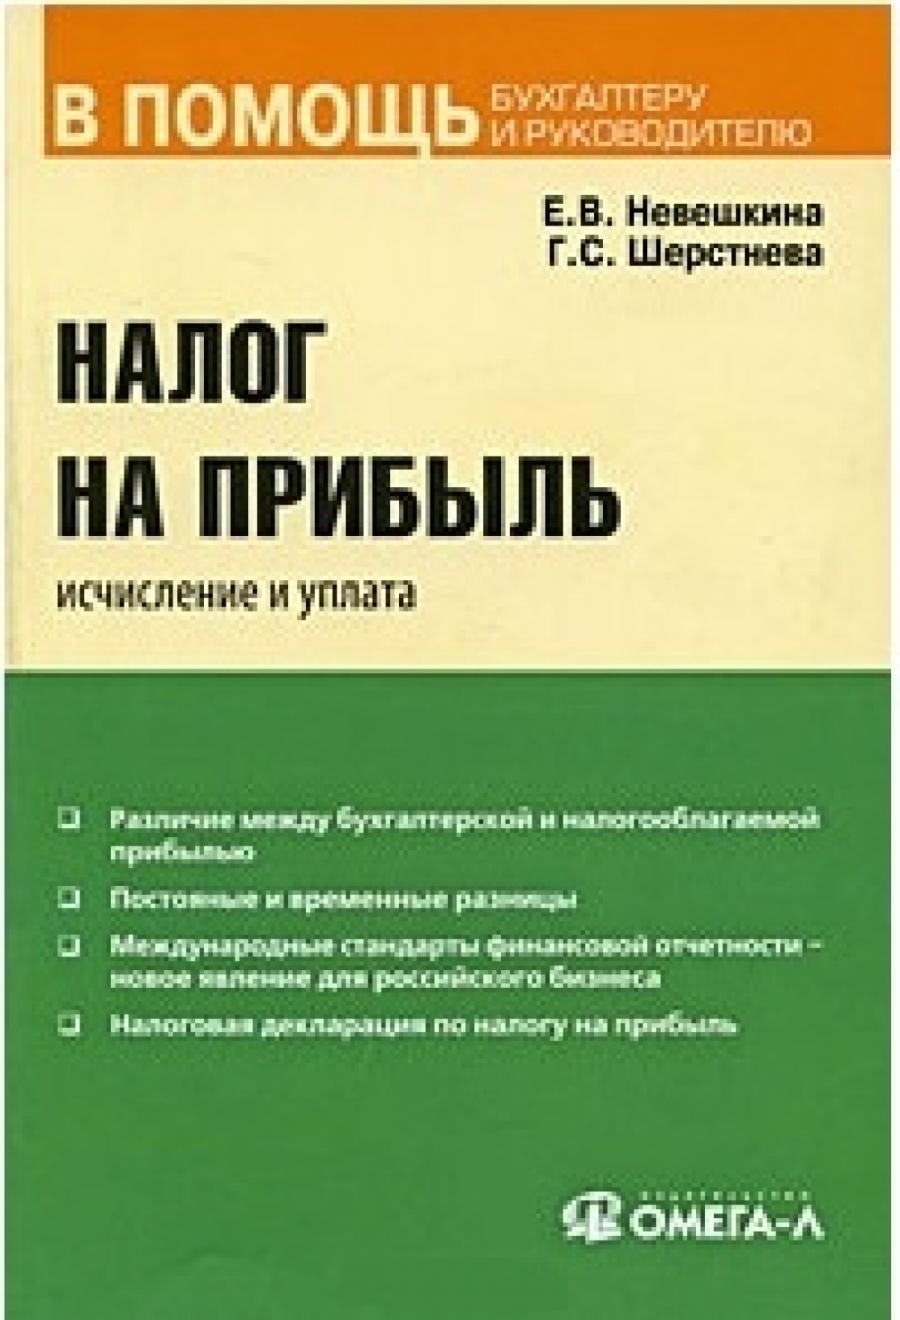 Обложка книги:  в помощь бухгалтеру и руководителю - е. в. невешкина, - налог на прибыль